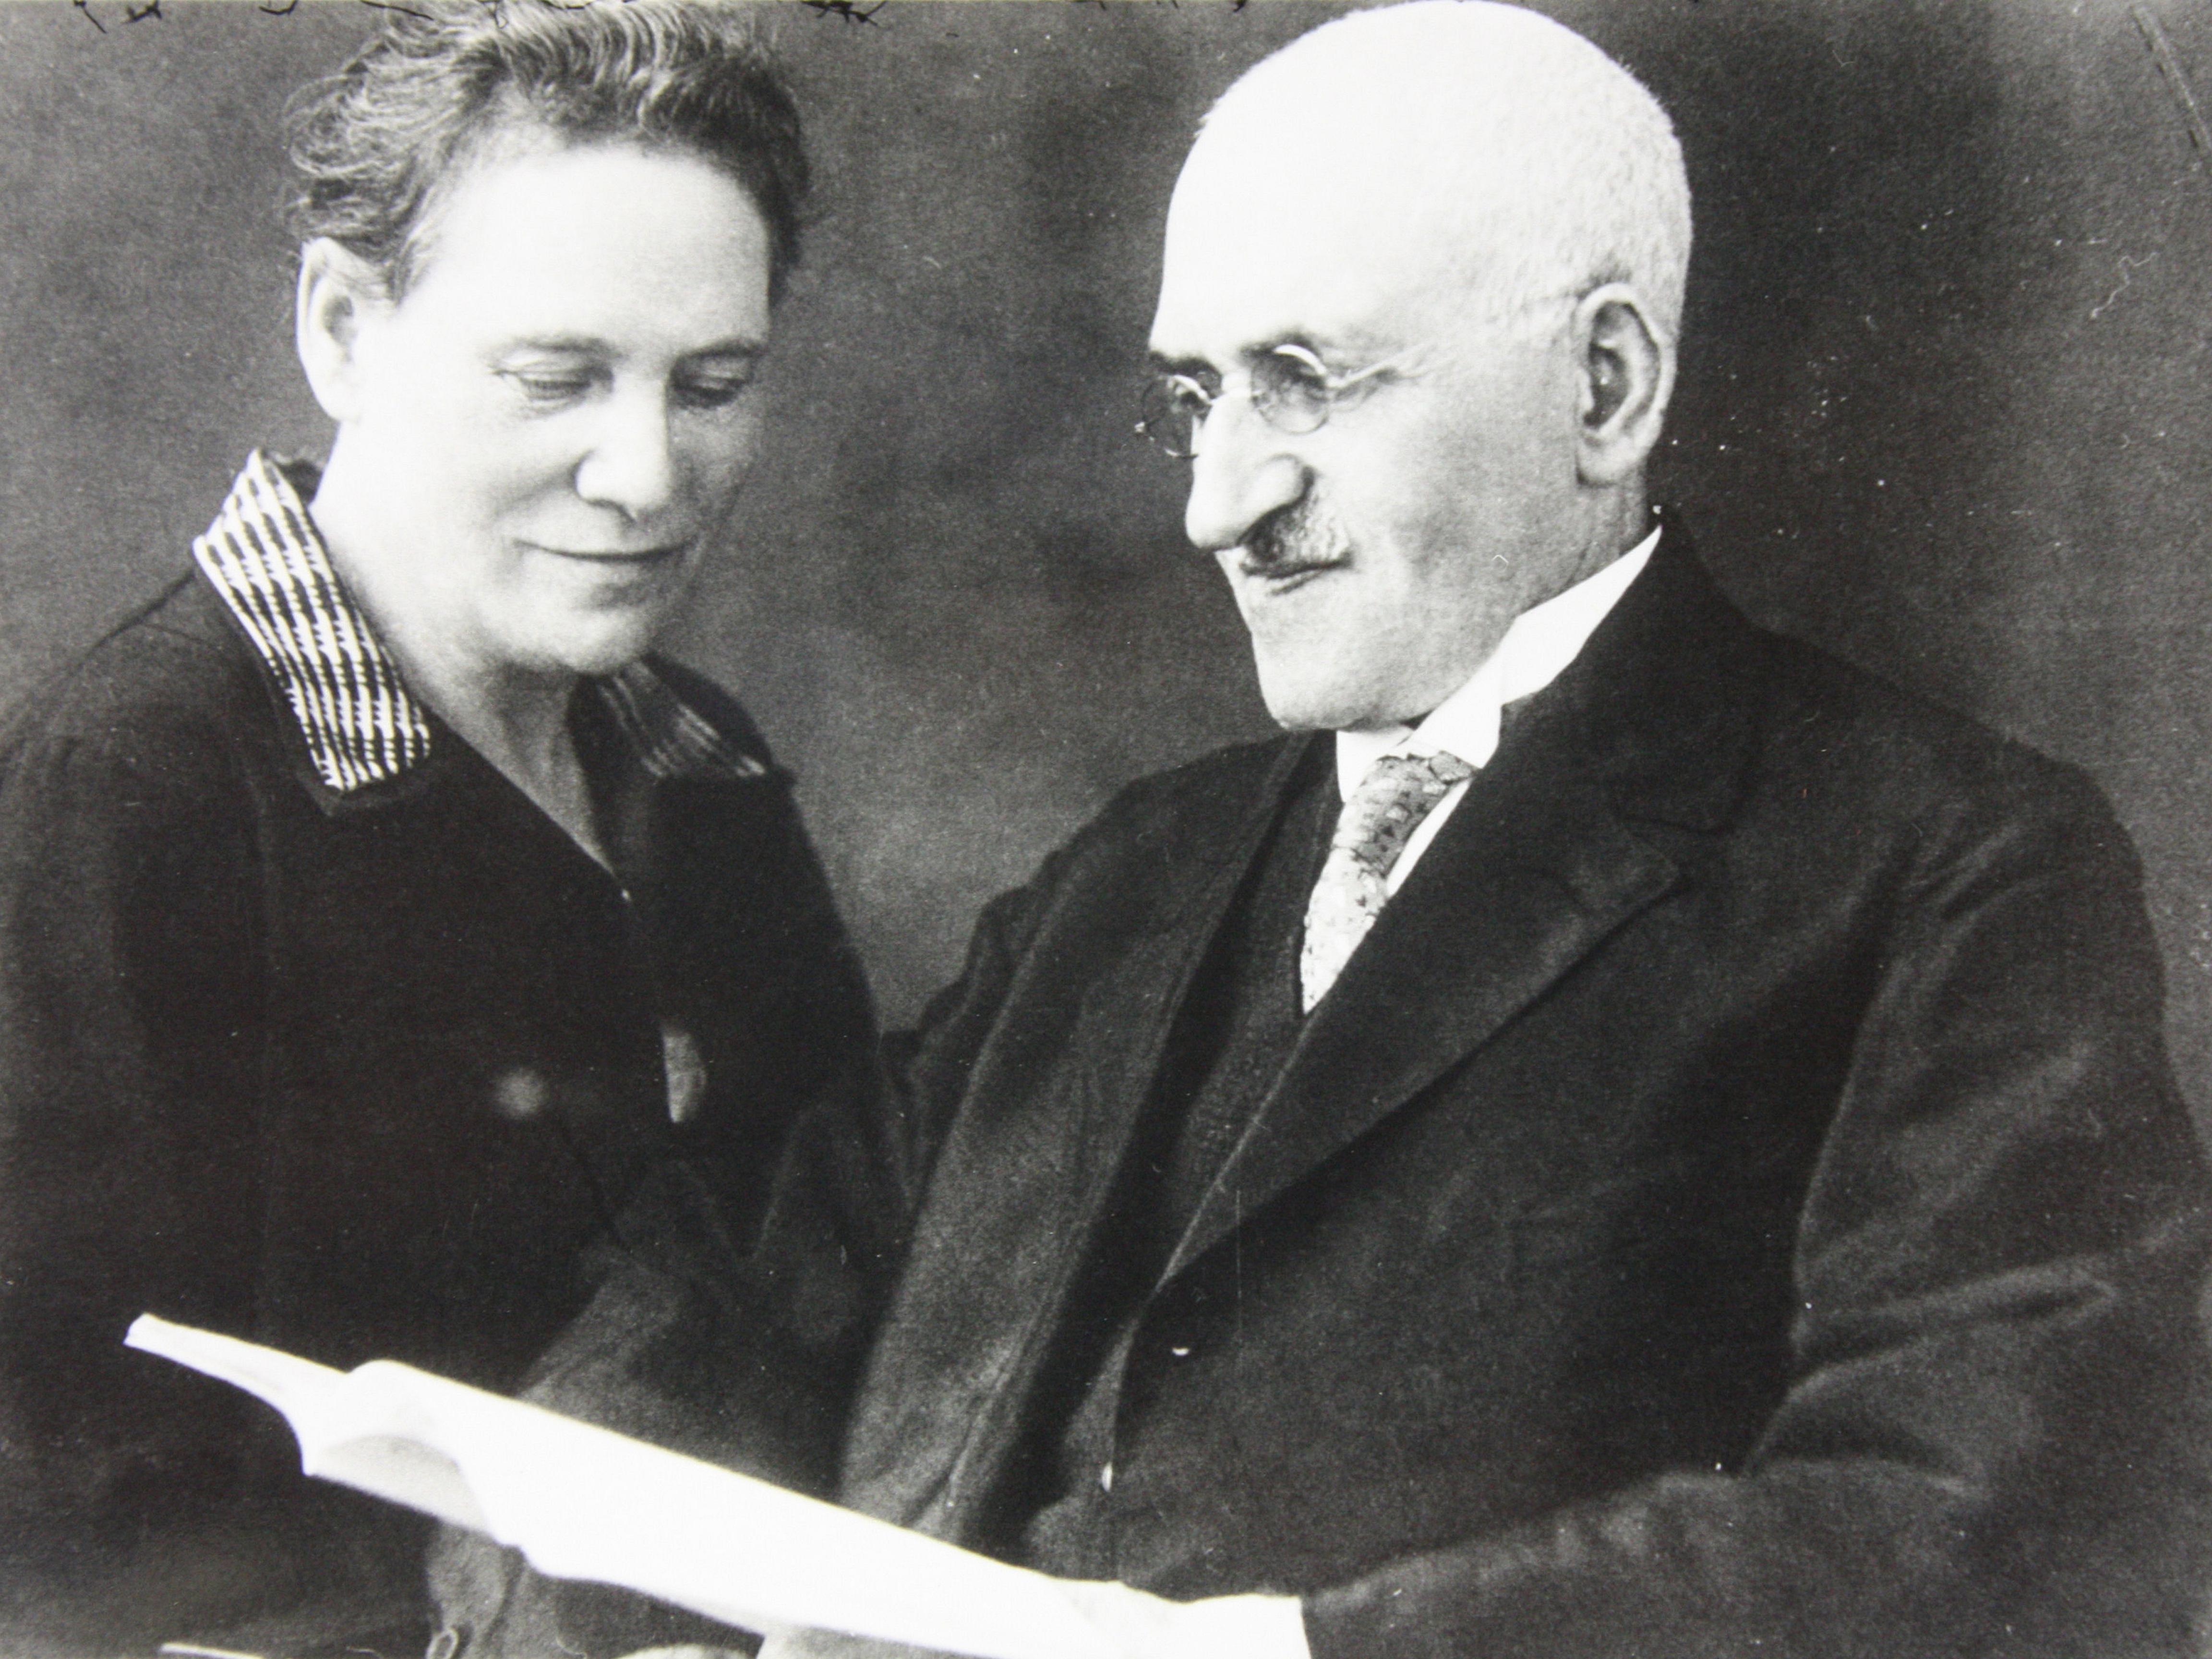 Eine Frau sitzt links. Sie schaut auf ein Buch, dass der Mann, der neben ihr sitzt in den Händen hält. Er blickt ebenfalls auf das Buch.